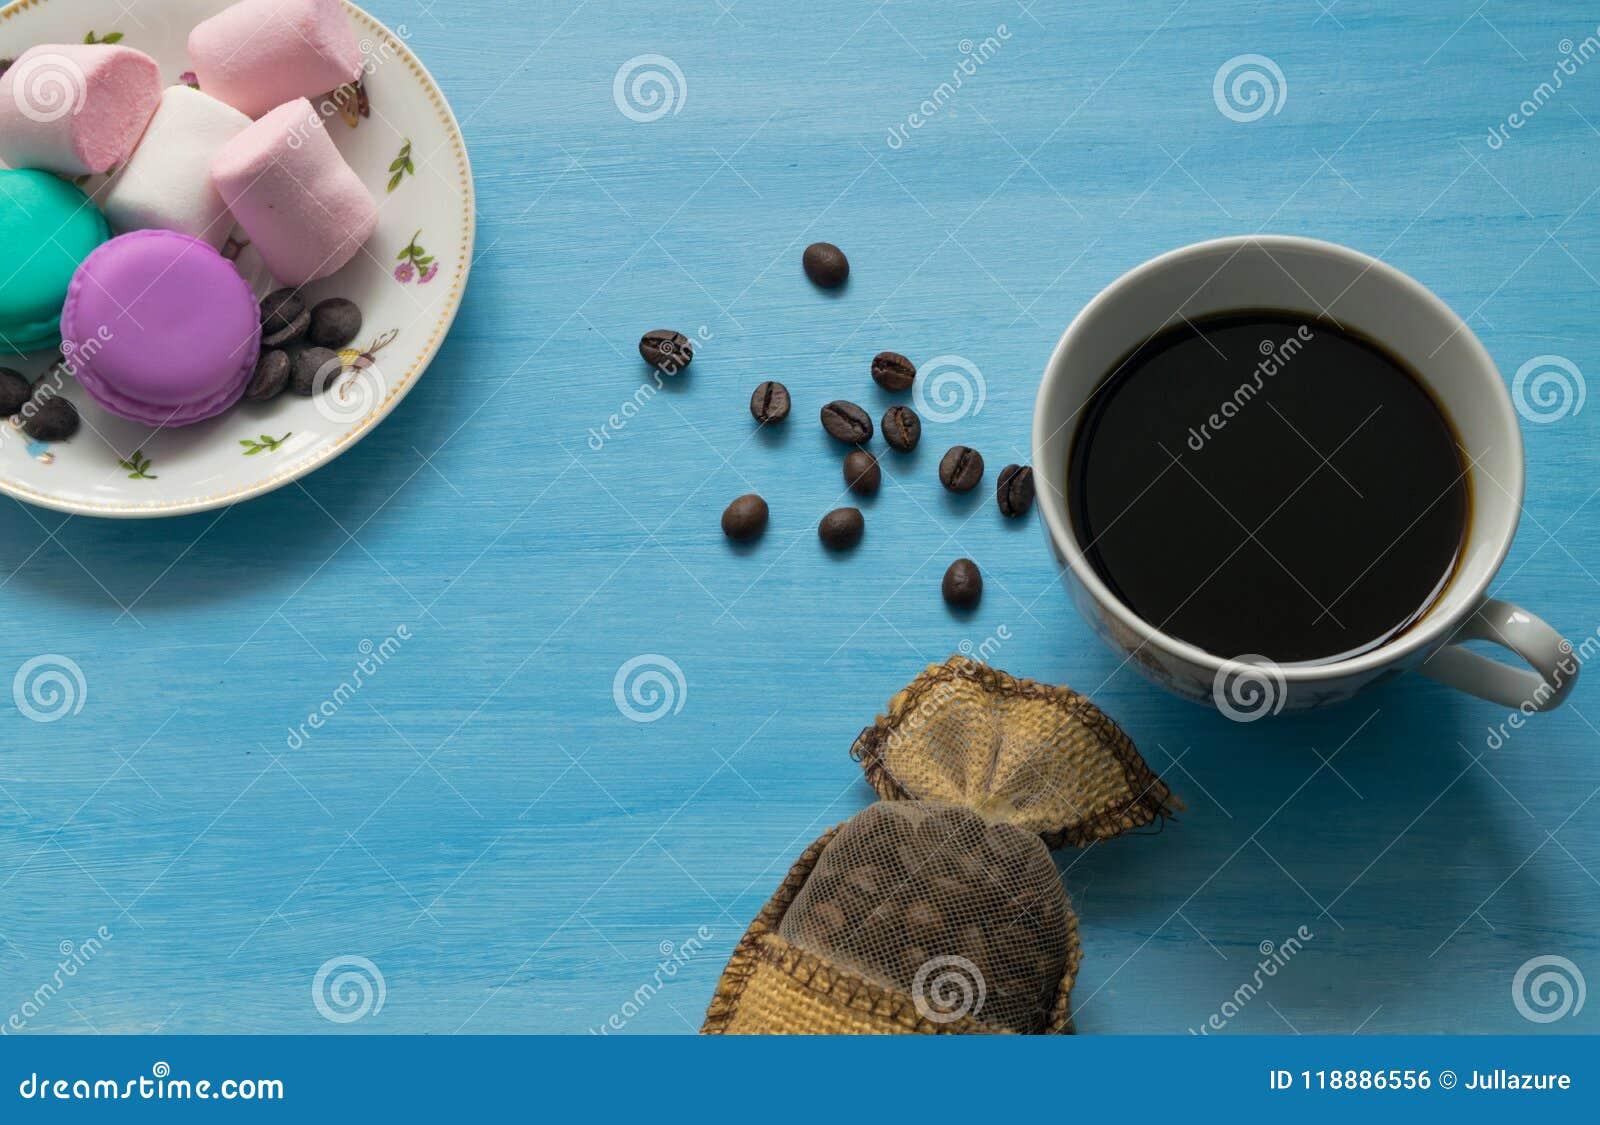 Tasse de café chaud avec des guimauves et des macarons sur le fond bleu